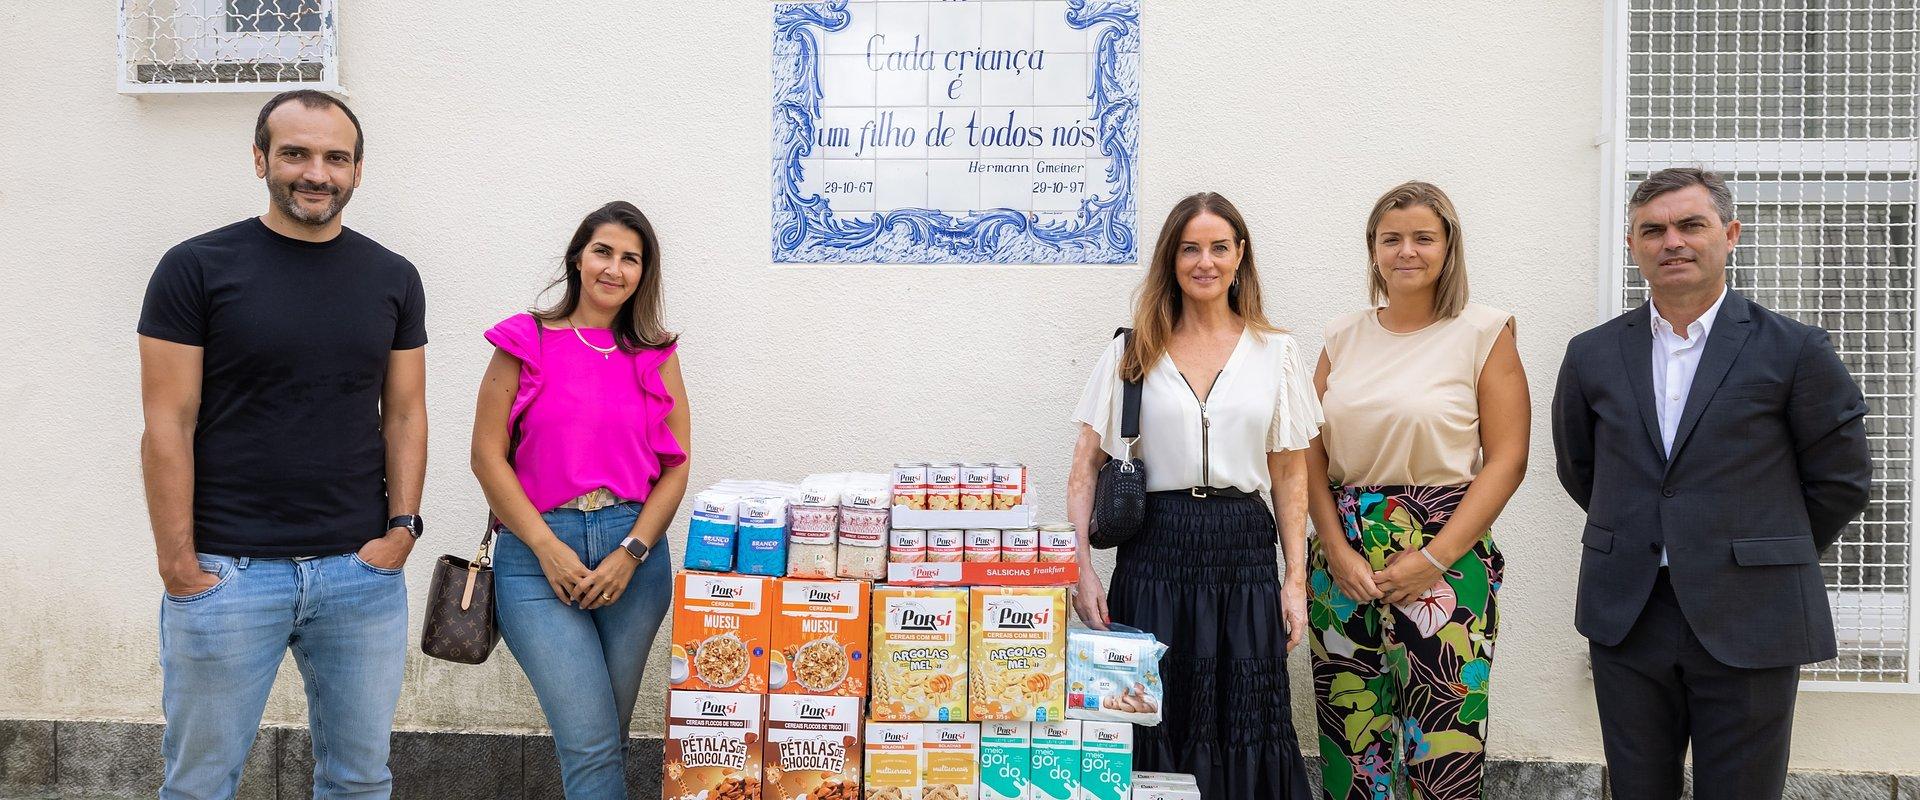 Corrida Solidária do Intermarché reverte em donativo de 3.750€ para as Aldeias de Crianças SOS